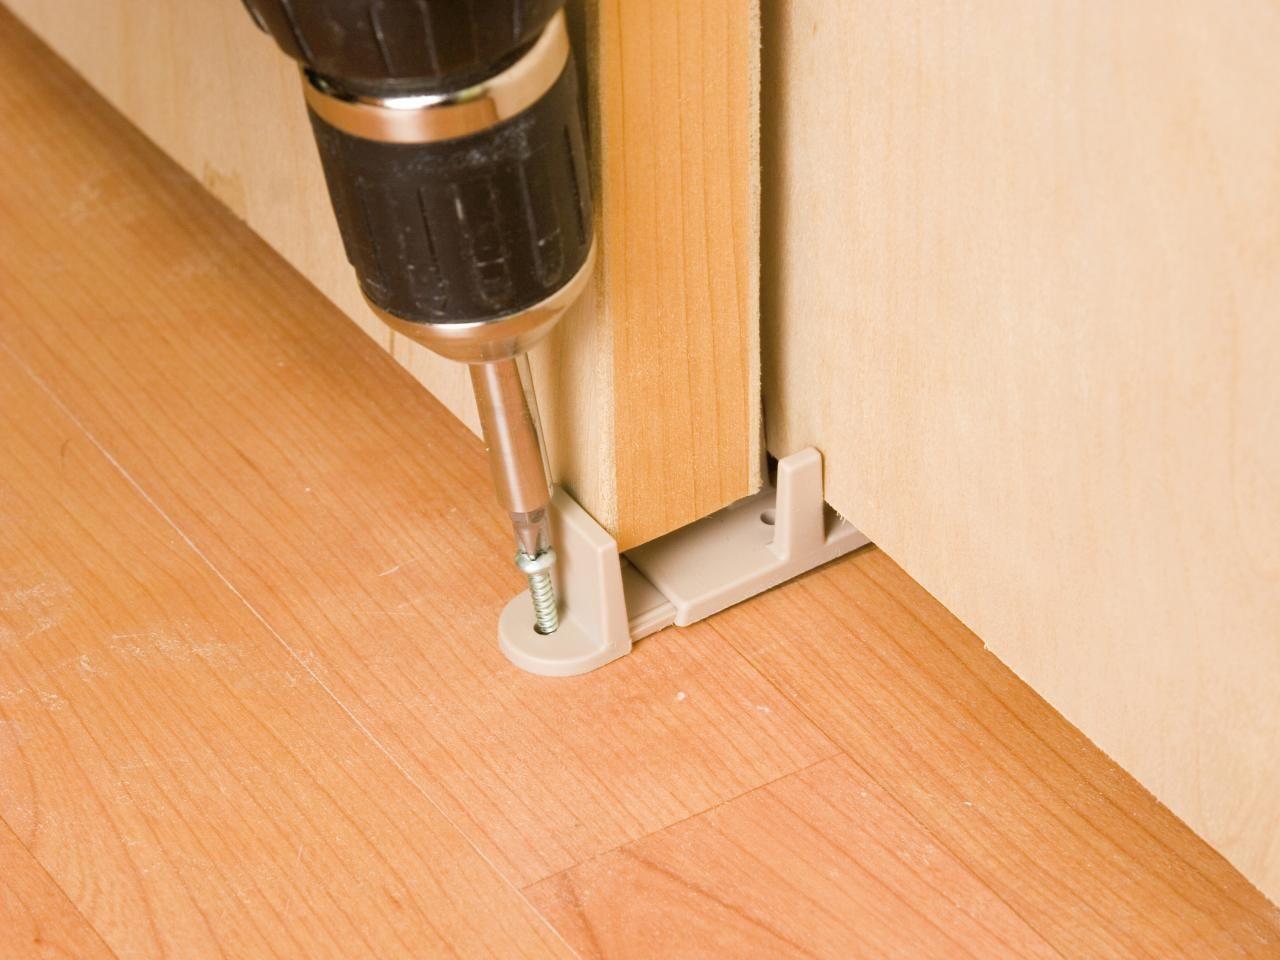 Installing A Sliding Closet Door Basement Pinterest Sliding